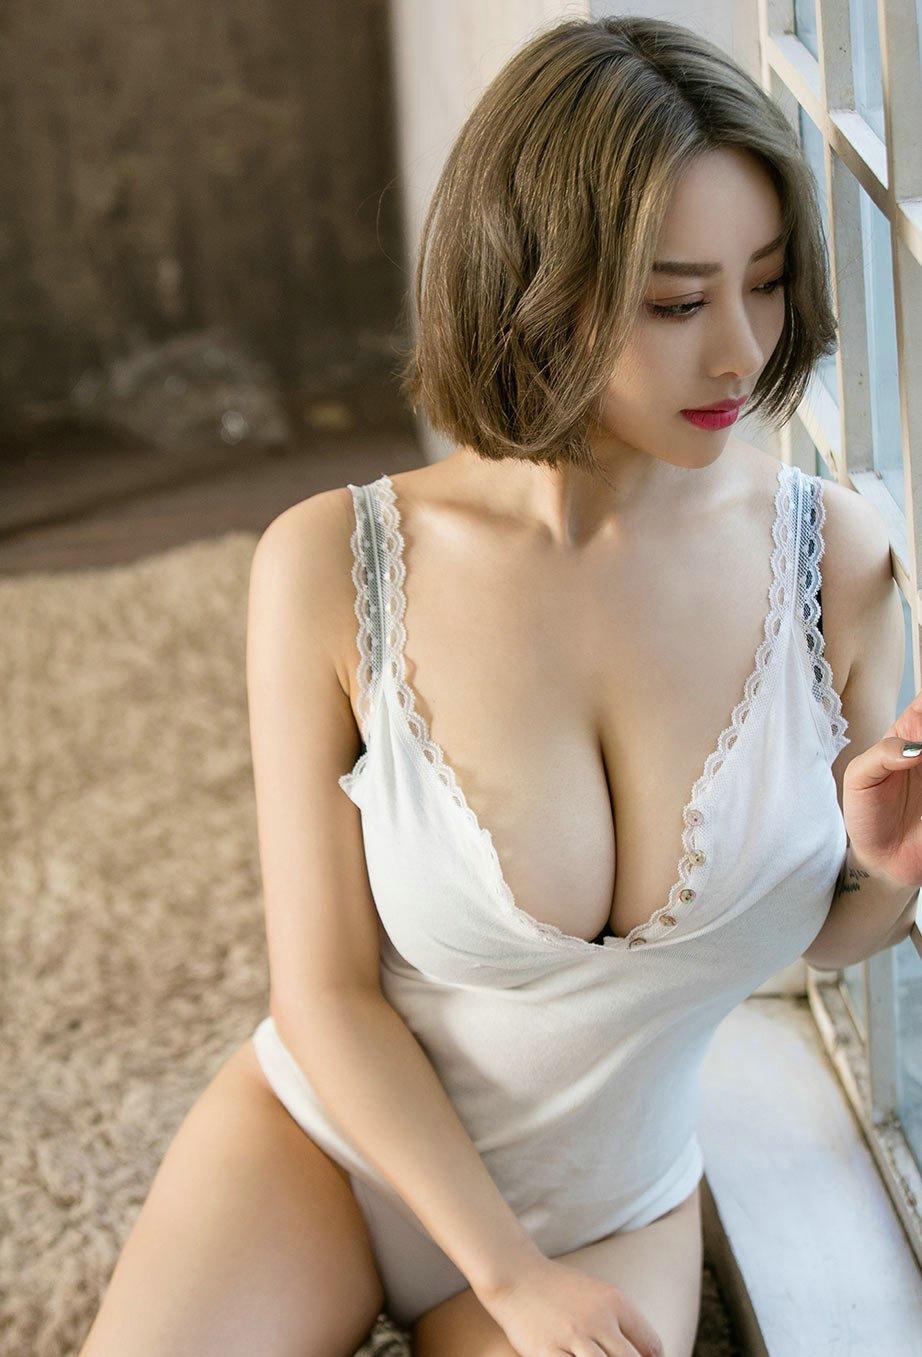 爆草大奶大穴美女_性感短发大胸美女爆乳大奶丰满喷血诱惑写真